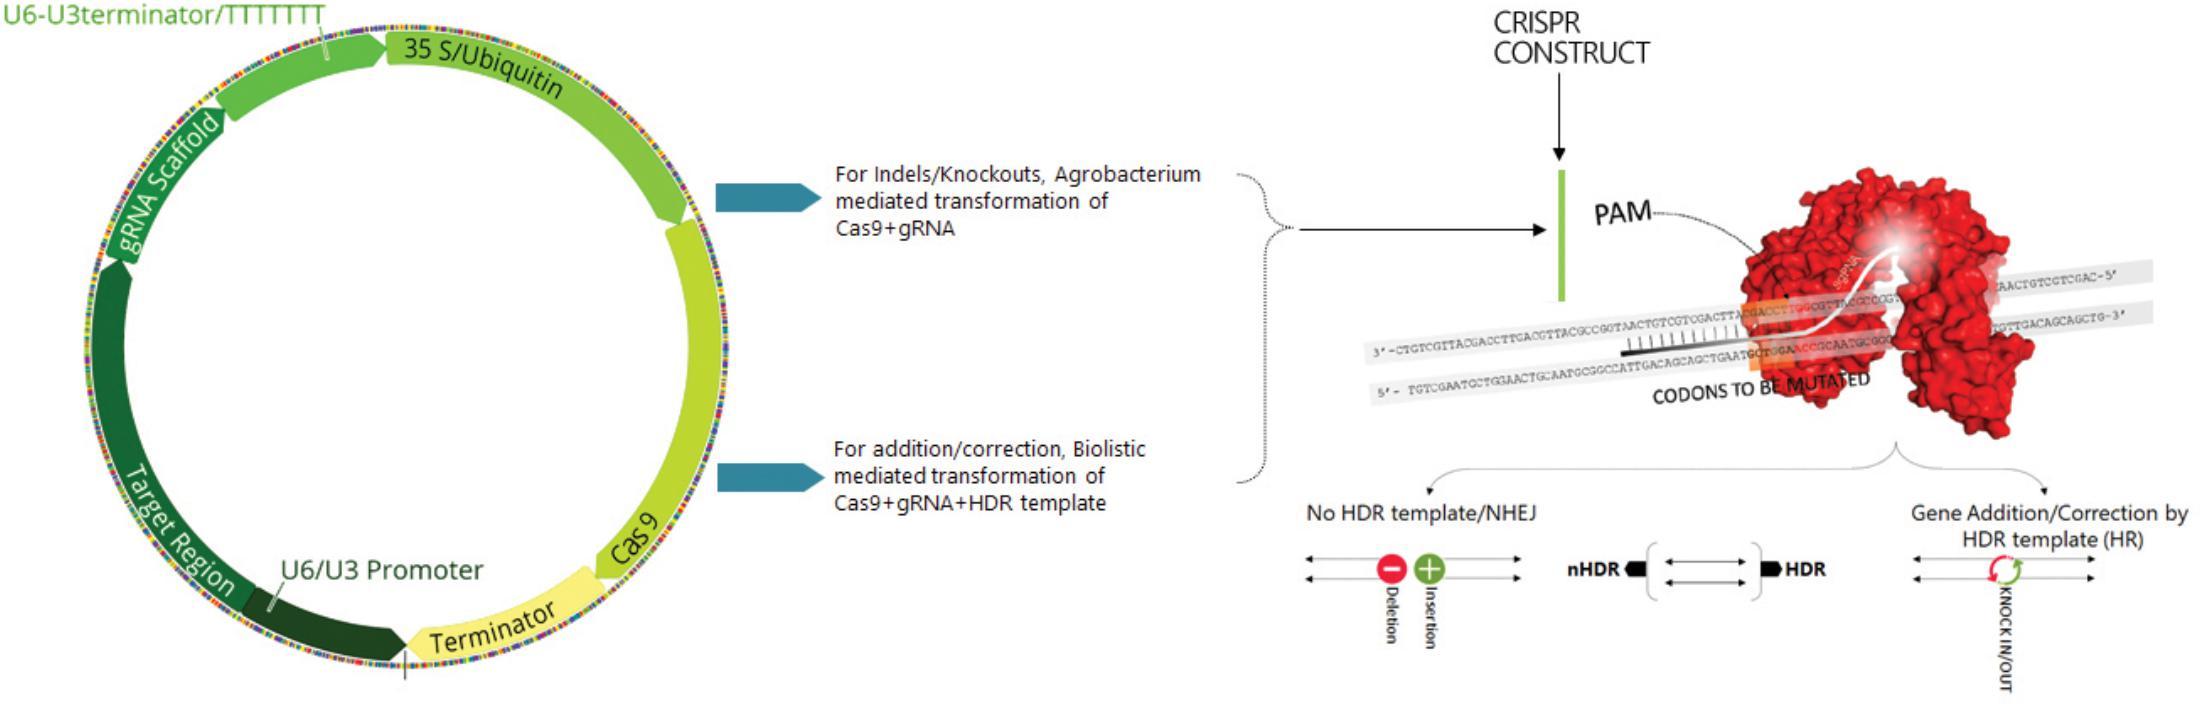 Frontiers   Data Mining by Pluralistic Approach on CRISPR Gene